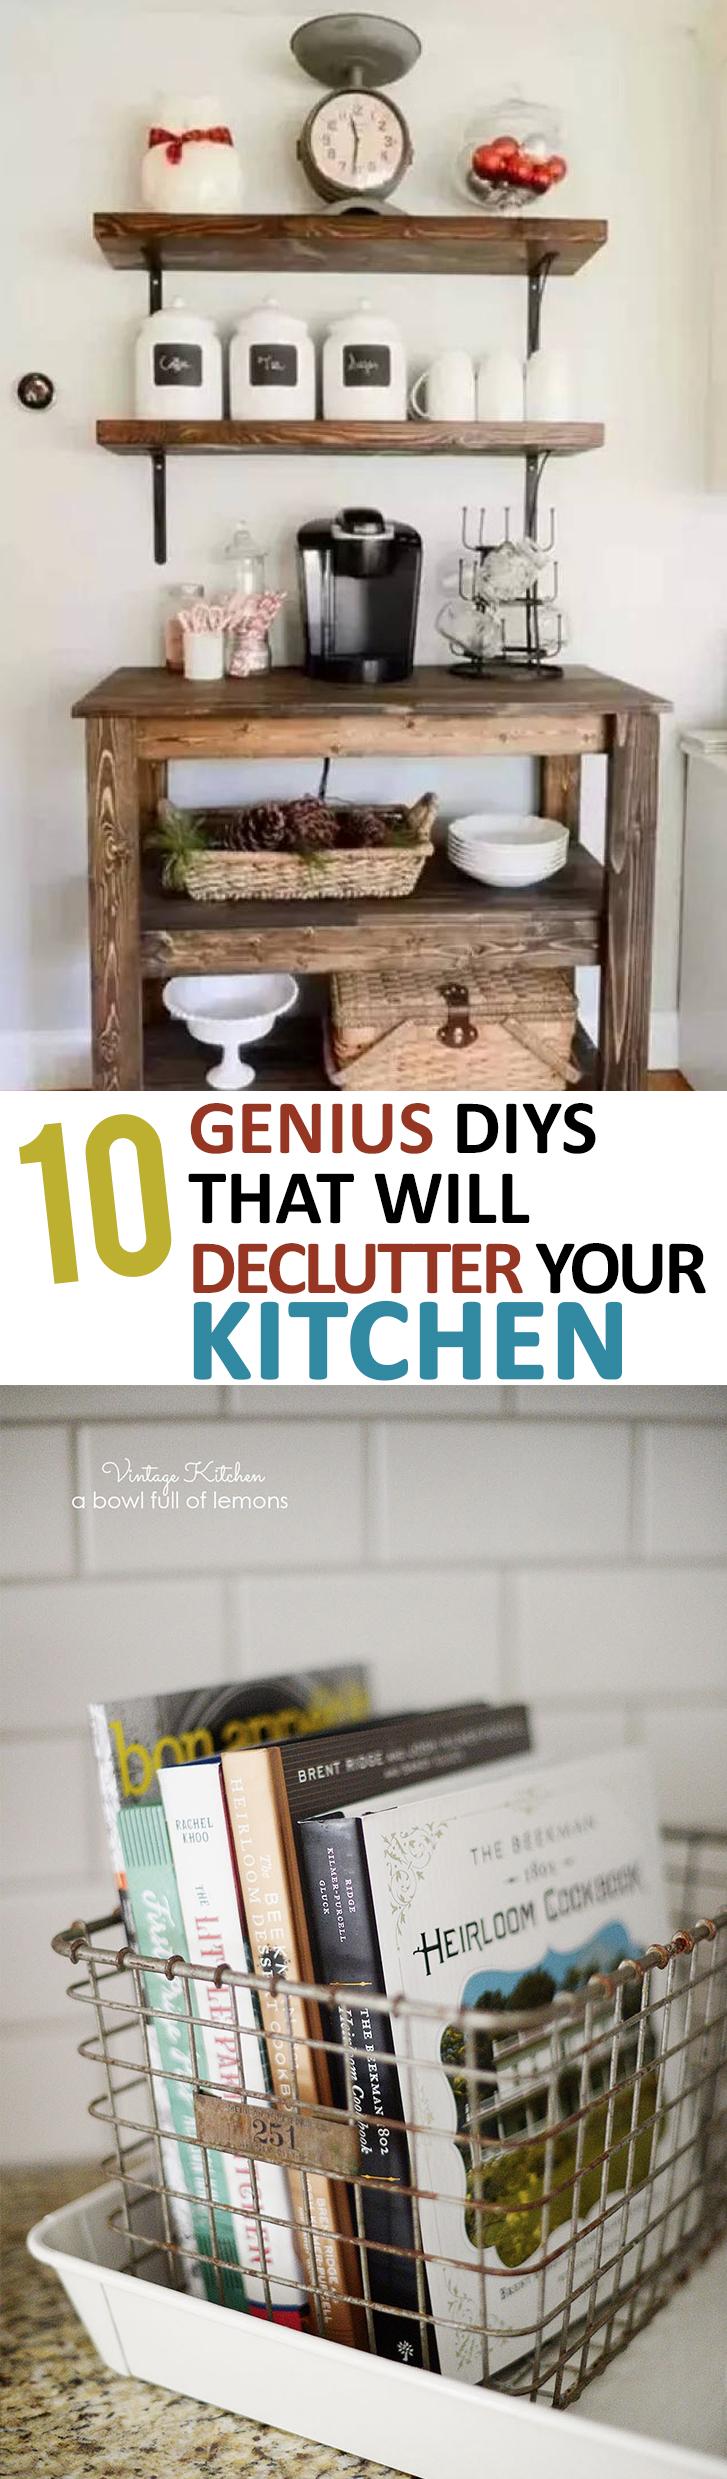 Declutter Your Kitchen, Kitchen Organization, Kitchen Organization Hacks, Popular Pin, Kitchen DIY, DIY Kitchen Projects, Kitchen Hacks, Kitchen Design Tips, Rustic Kitchen